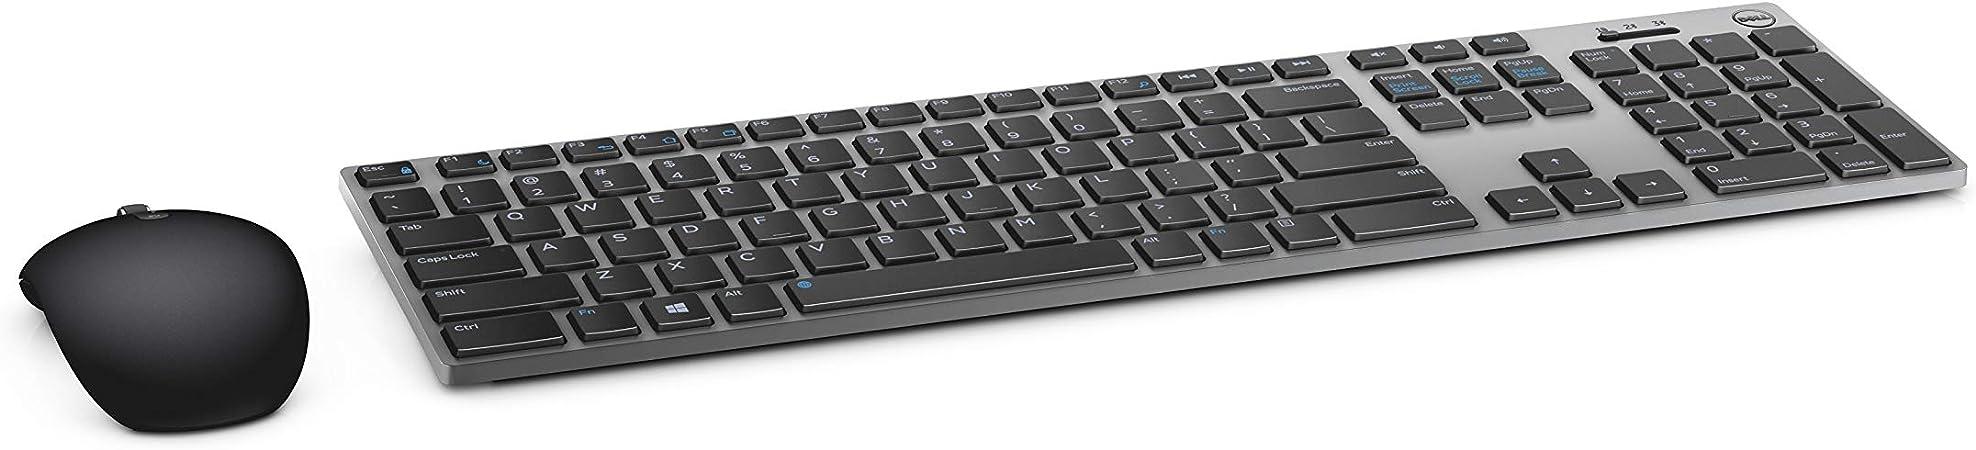 Dell KM7321W, inalámbrico, Premier, Teclado y ratón, alemán (QWERTZ), Color Negro